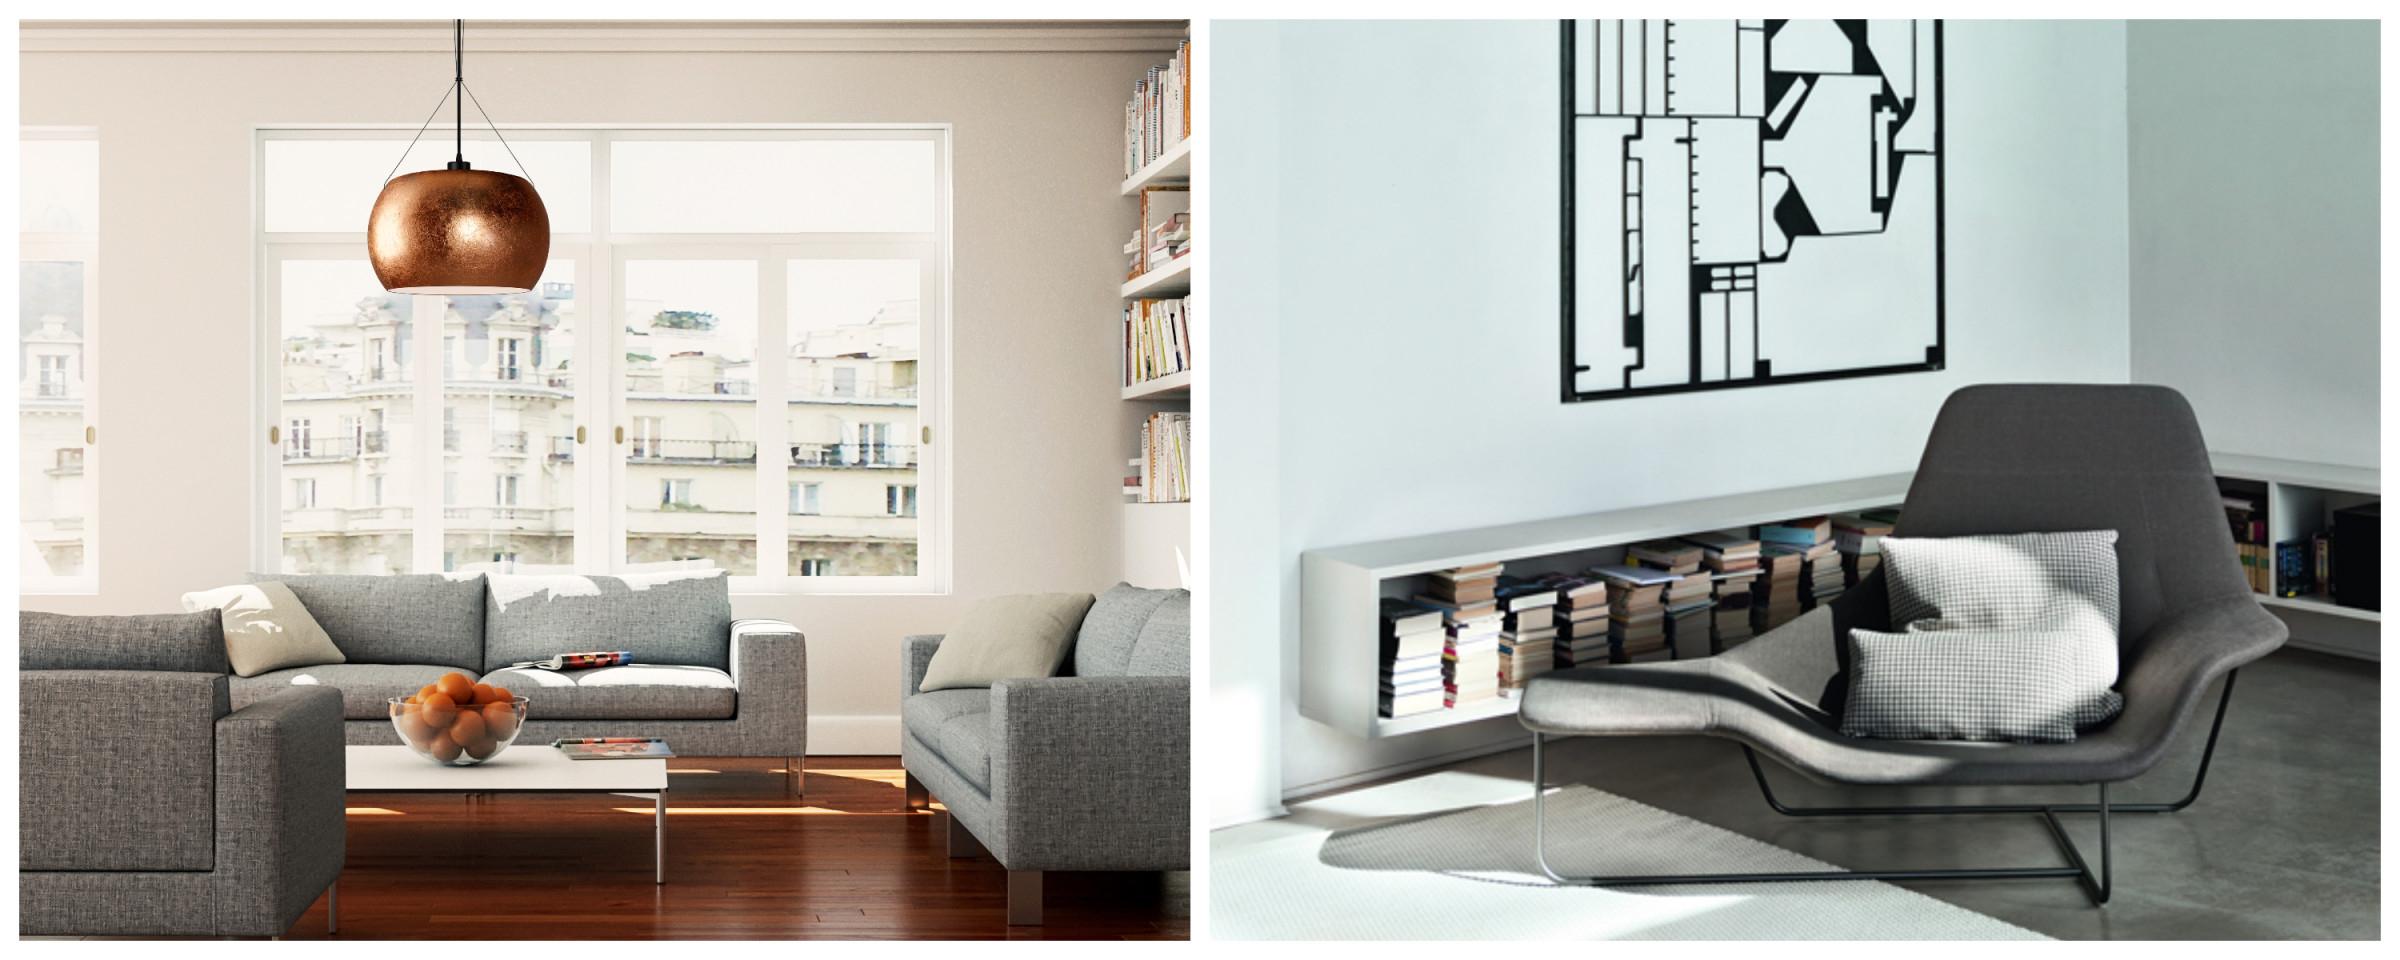 Wohnzimmer Einrichten 6 Tipps Für Mehr Gemütlichkeit von Gemütliches Wohnzimmer Einrichten Bild